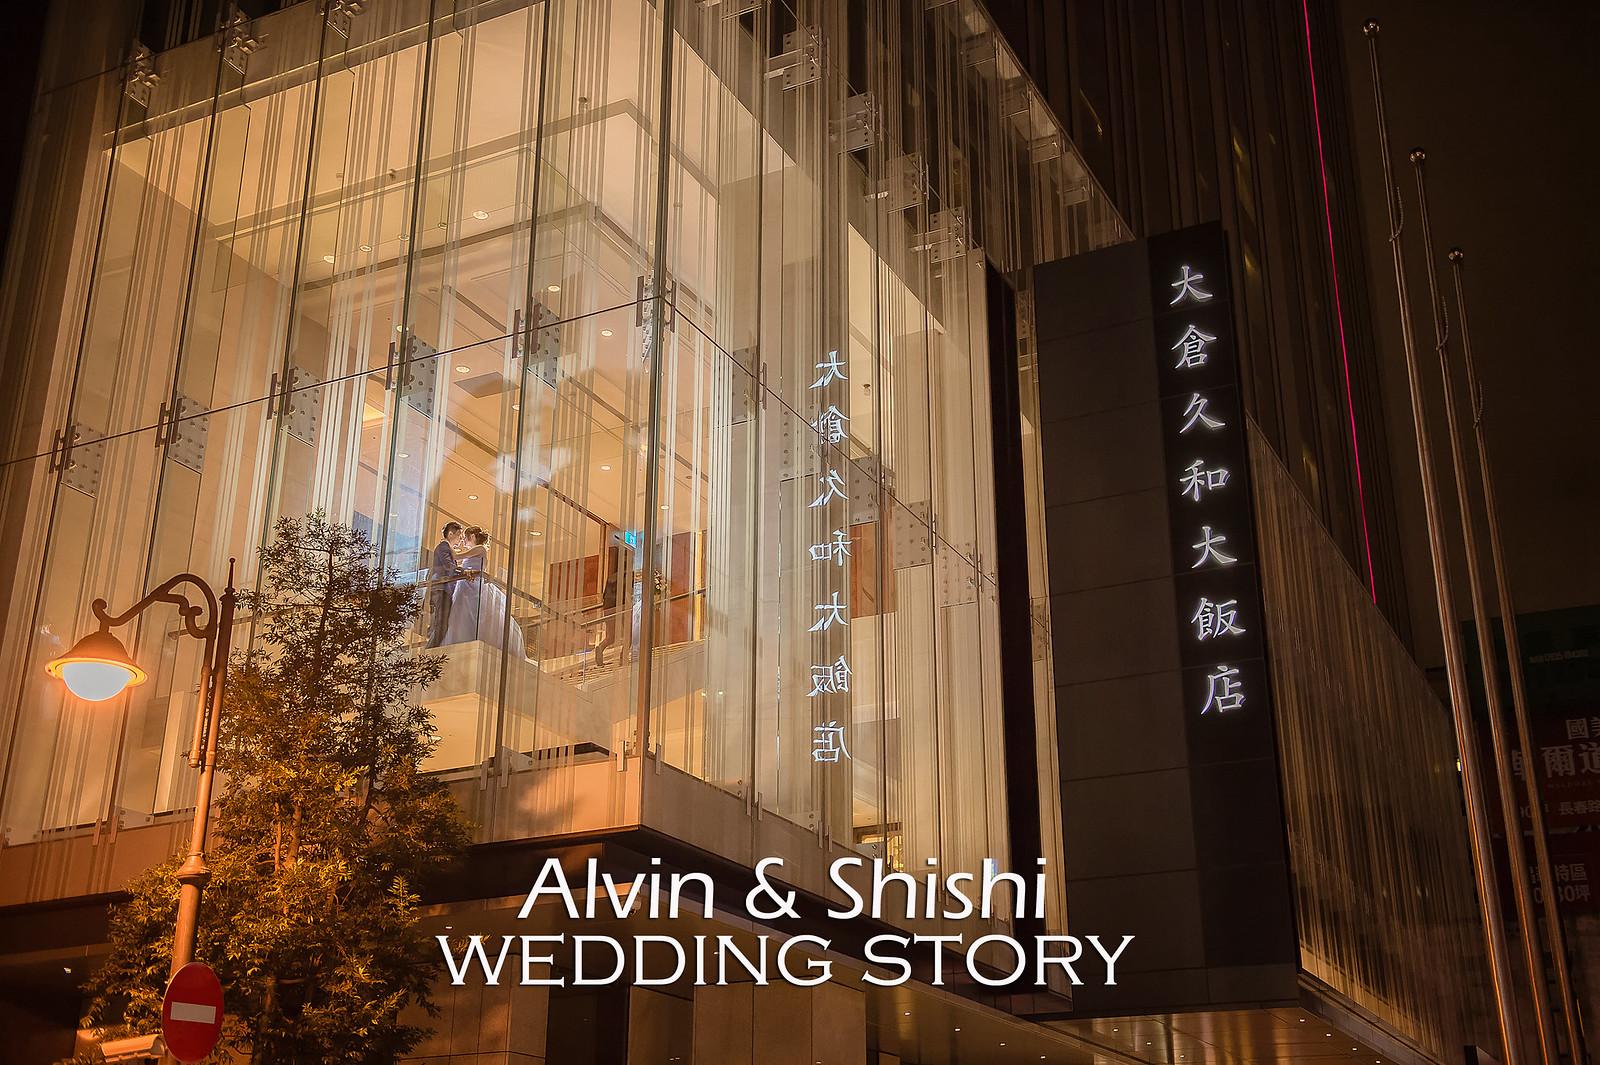 婚攝,台北,大倉久和,歸寧,婚禮紀錄,婚攝阿杰,A-JAY,婚攝A-Jay,幸福Erica,Pronovias,NO-1